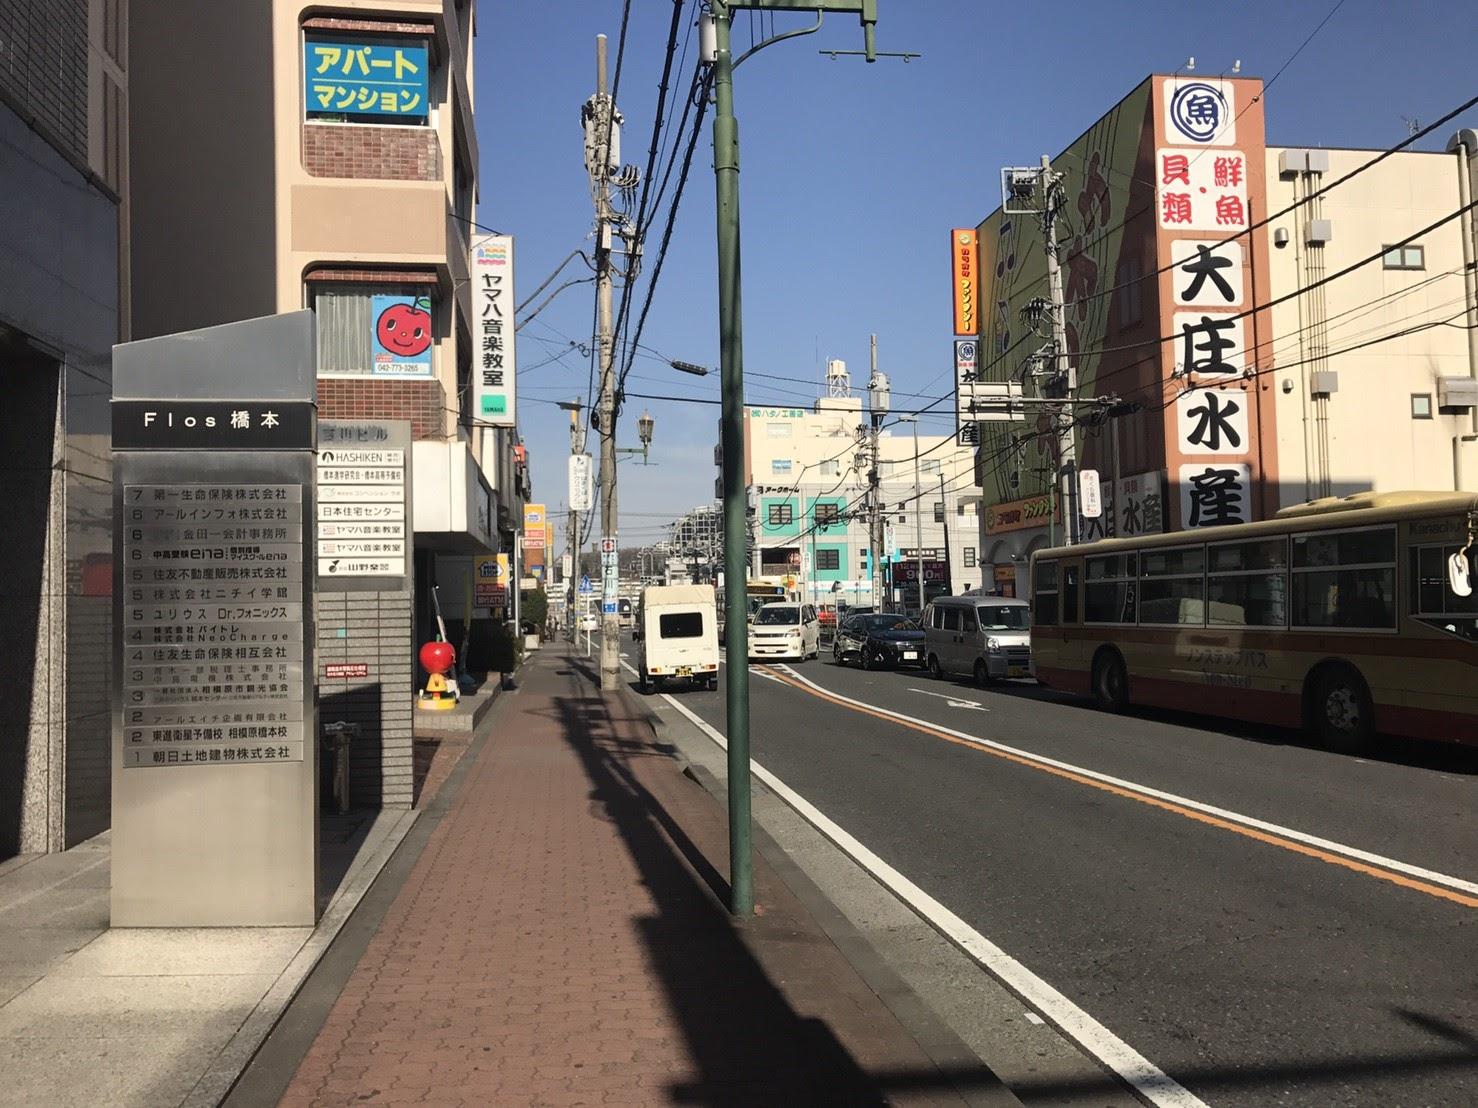 橋本駅前バス通りをひたすら直進します